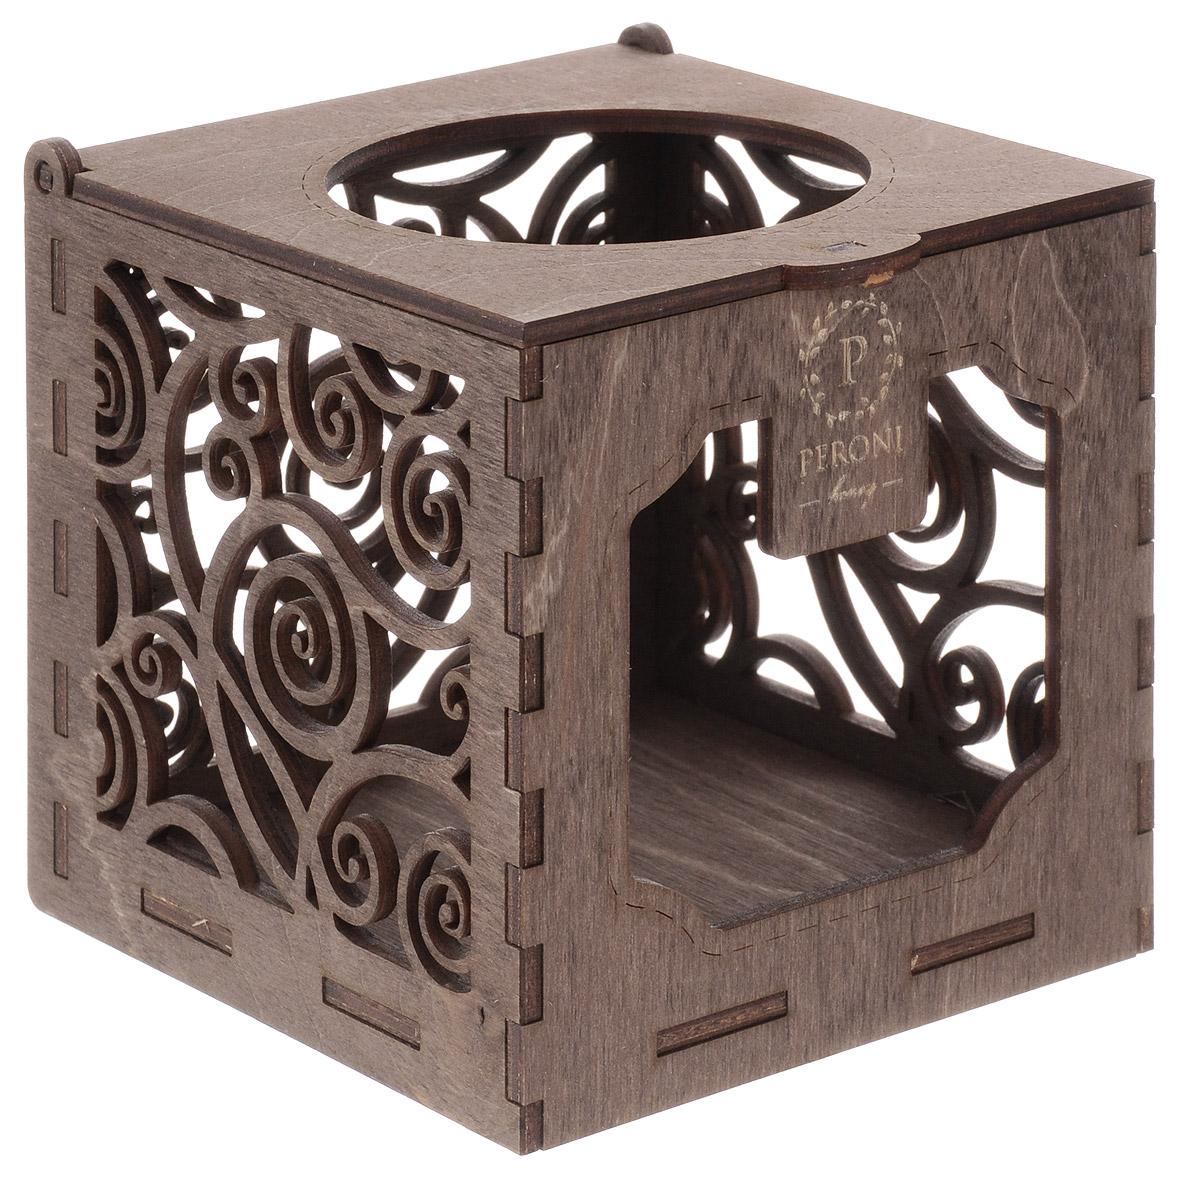 Peroni Коробка-подсвечник деревянная подарочная для меда, 250 мл peroni diamond collection подарочный набор меда 320 г